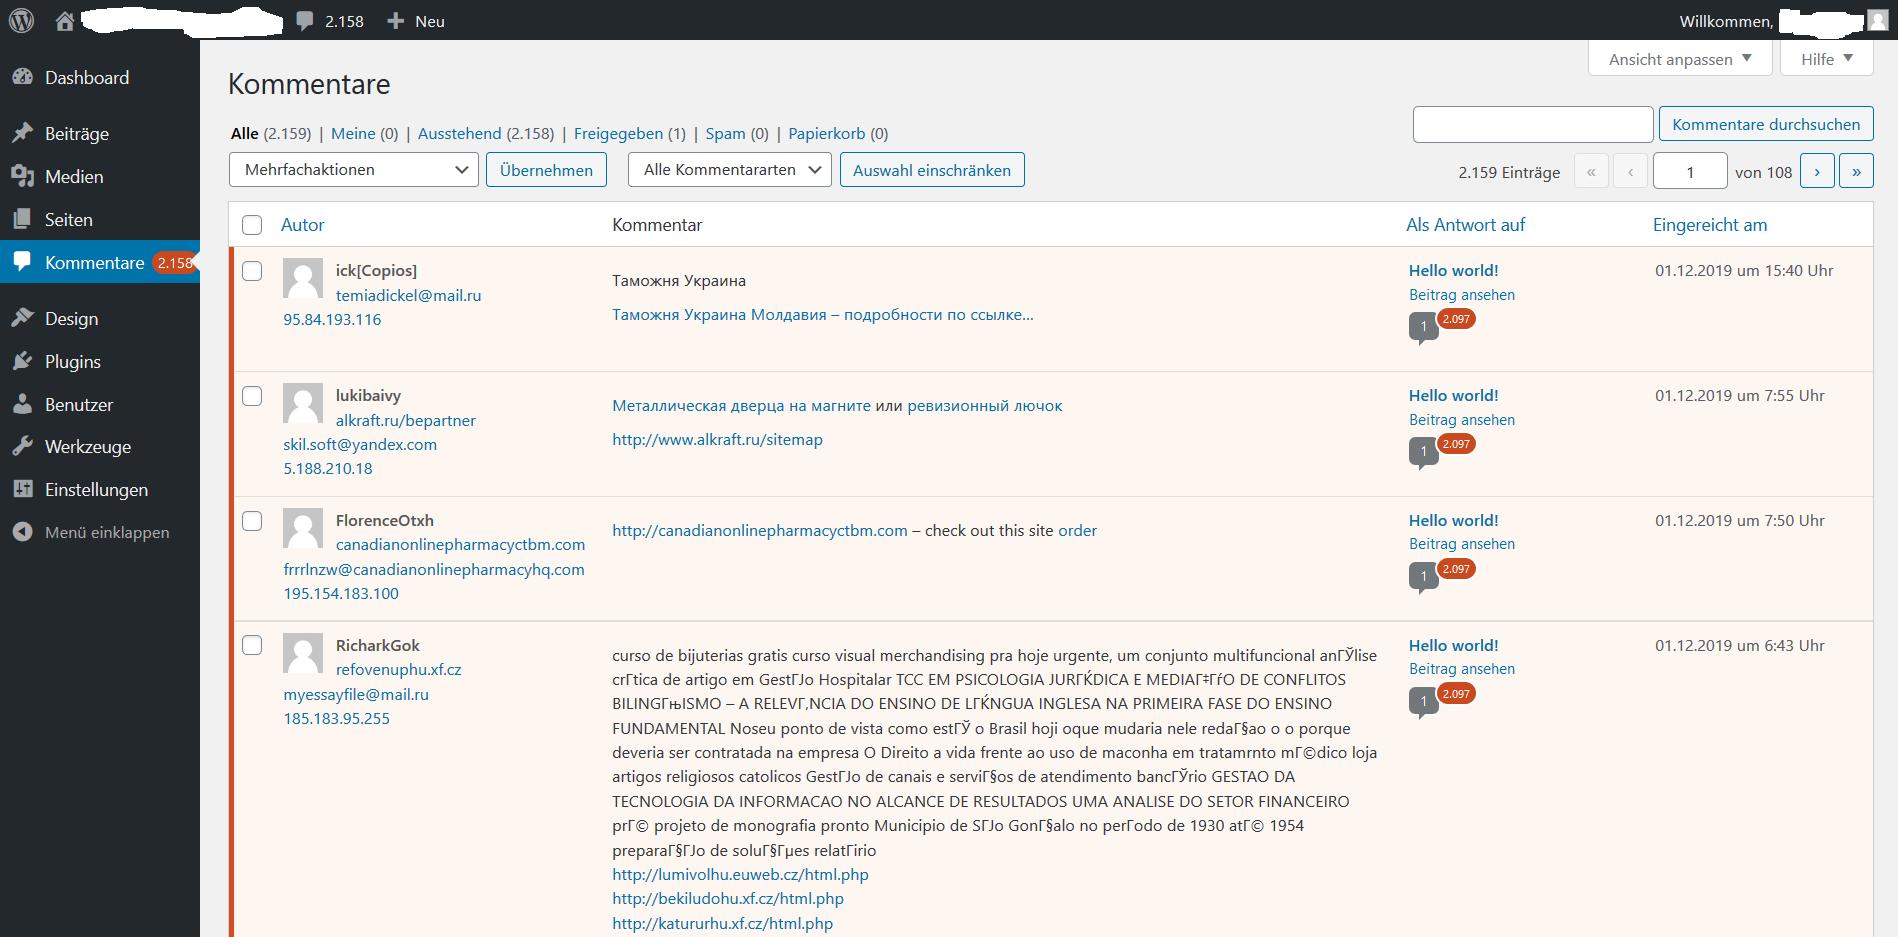 Nach der Spam Attacke - tausende Kommentare im WordPress